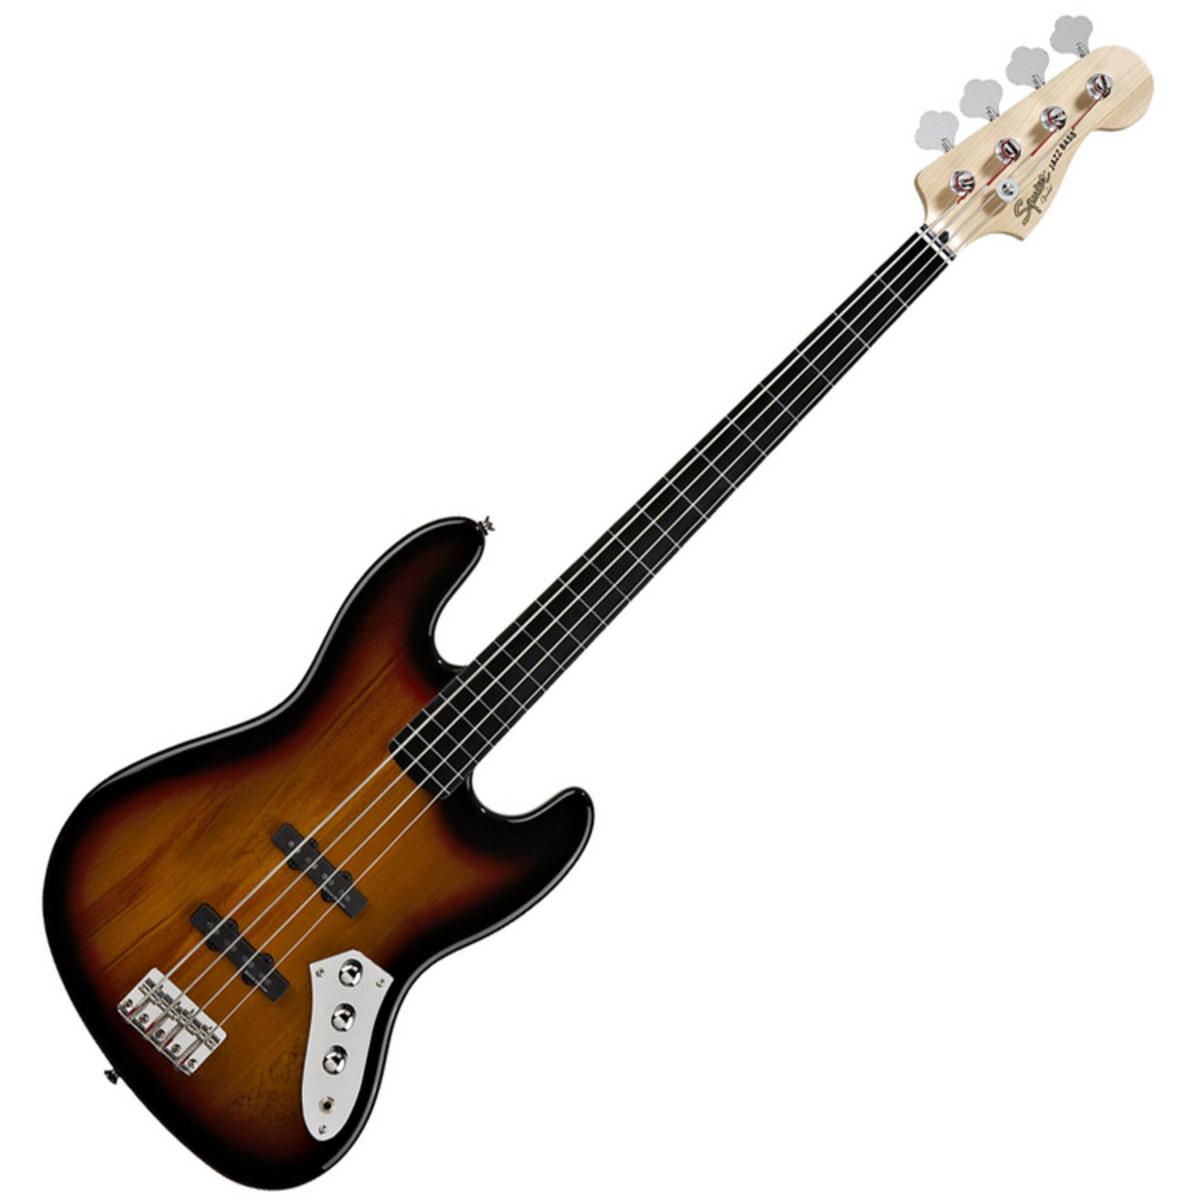 squier by fender 2012 vintage modified jazz bass fretless sunburst at. Black Bedroom Furniture Sets. Home Design Ideas